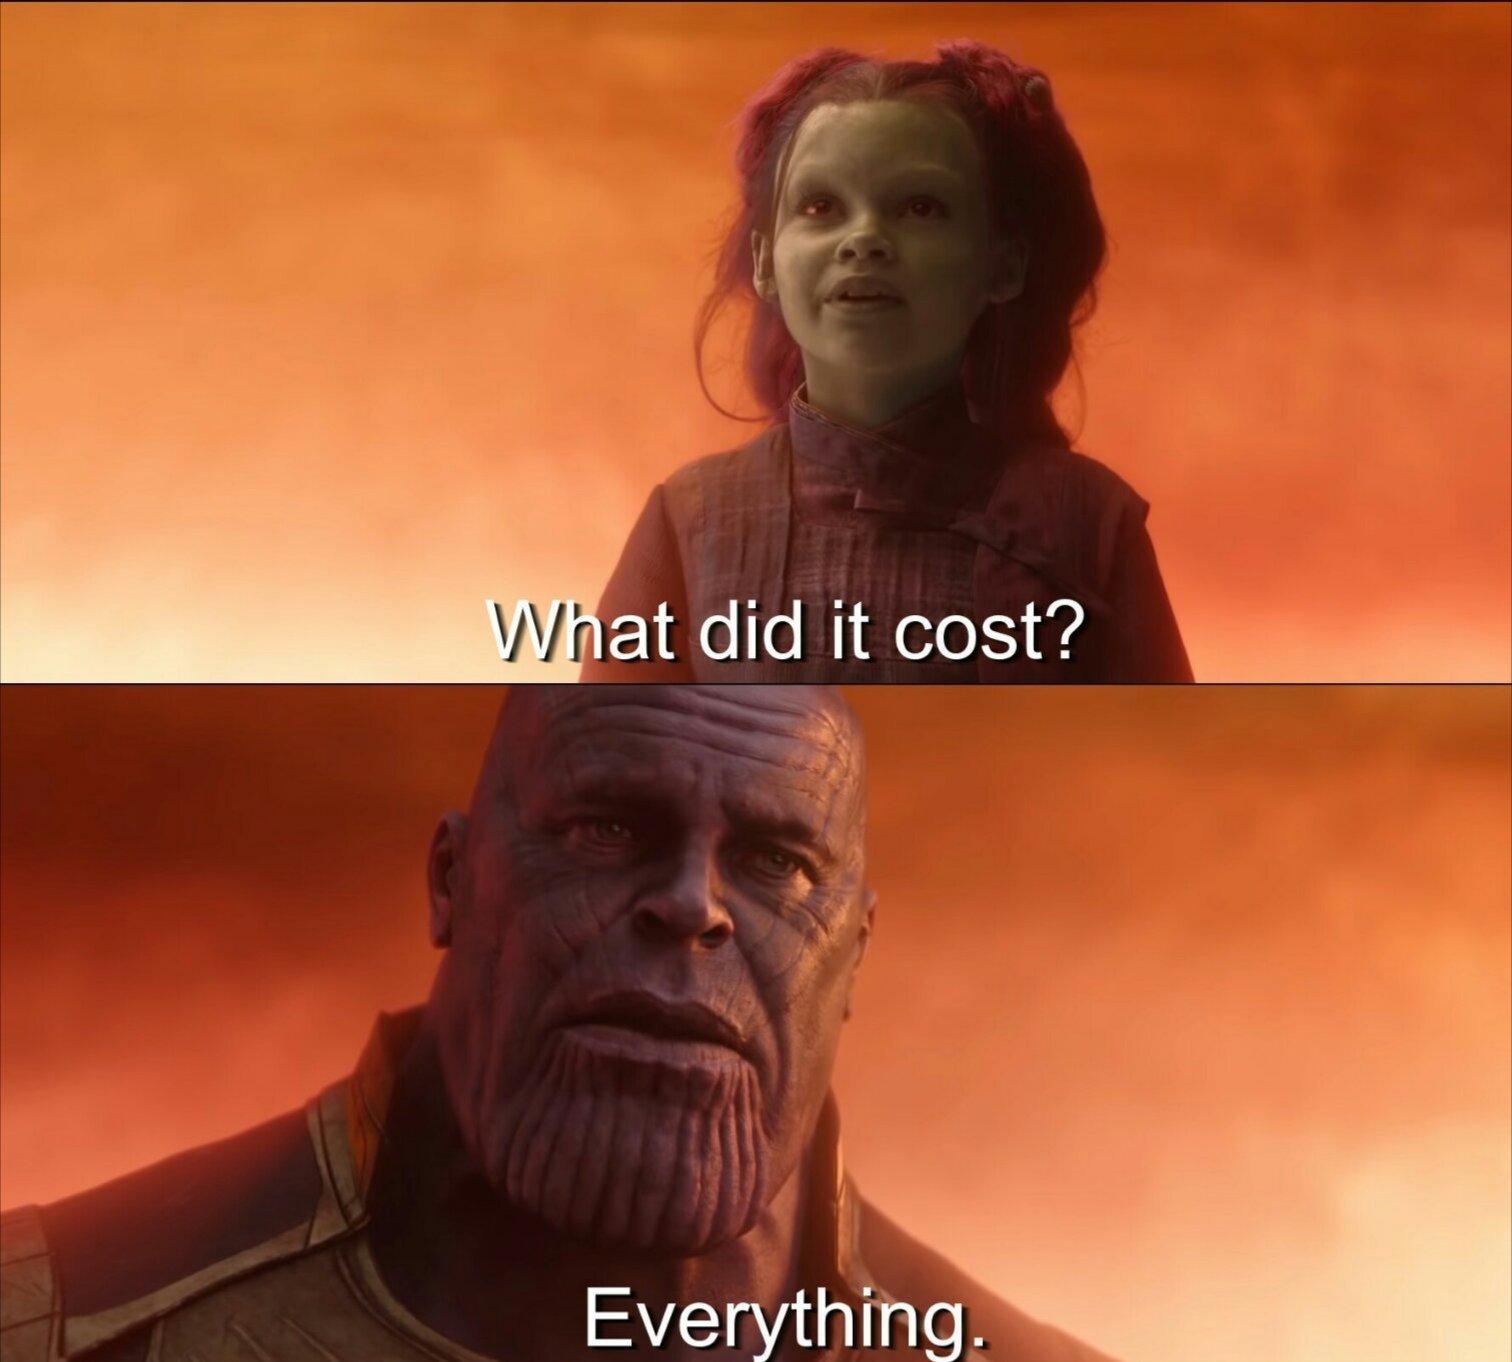 Resultado de imagem para what did it cost